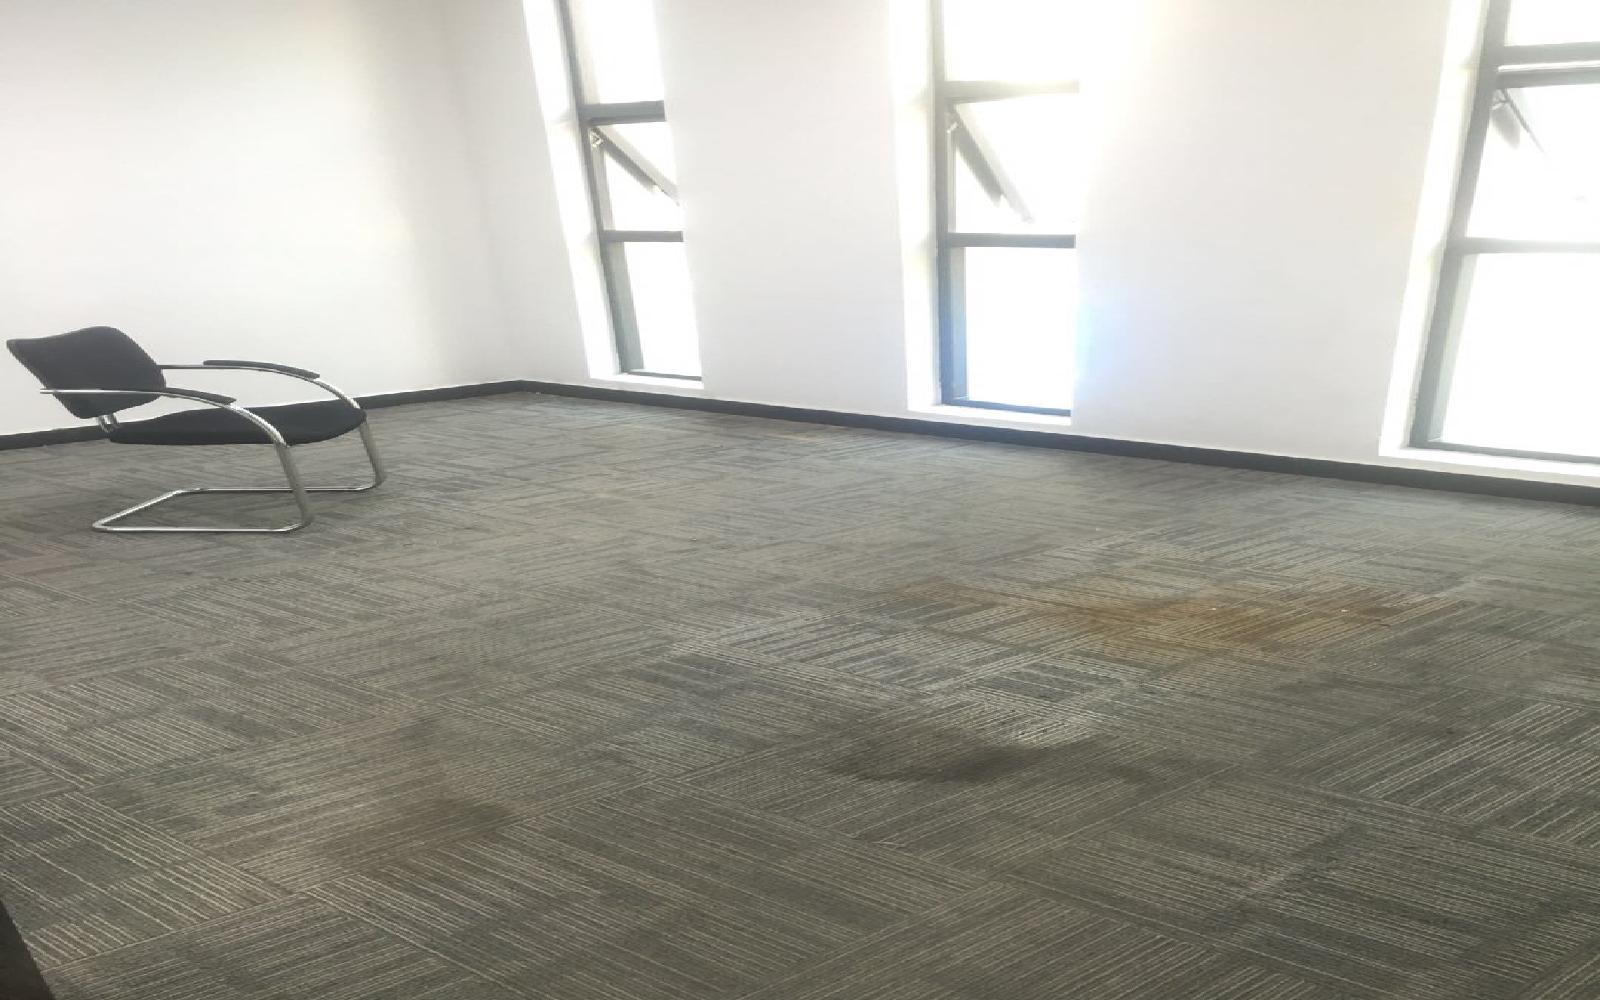 南山-科技园 软件产业基地 336m²